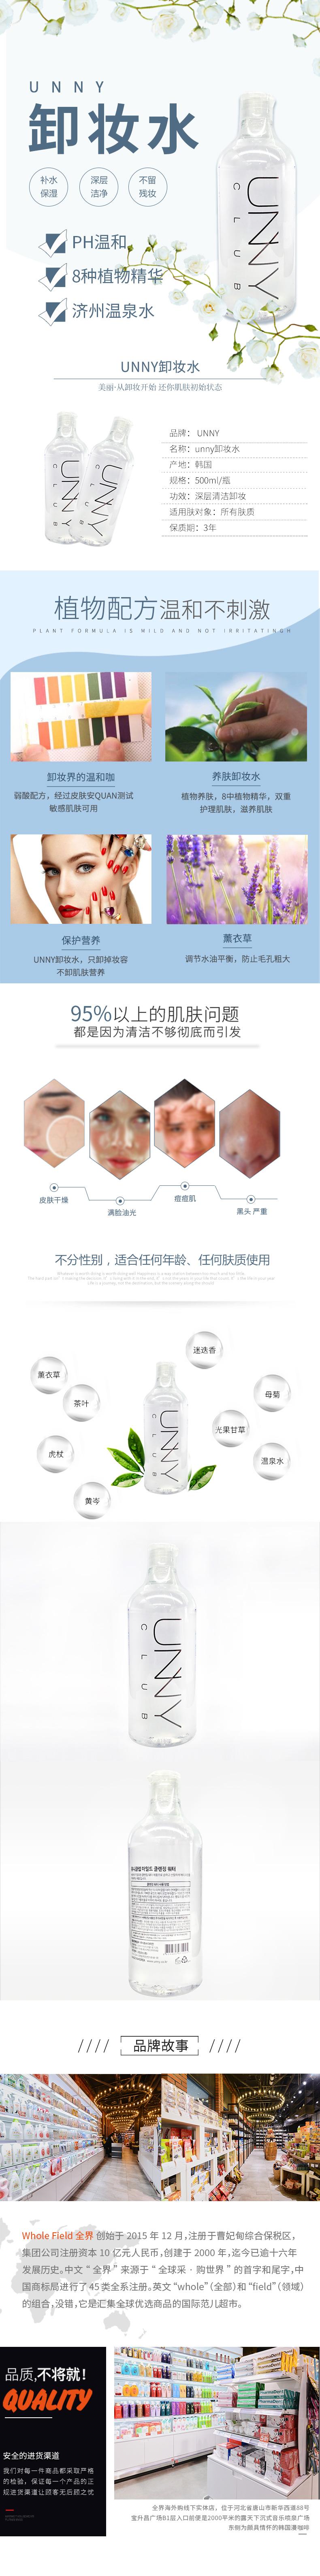 韩国UNNY卸妆水 眼唇卸妆液深层清洁温和无刺激 500ml*4瓶/组